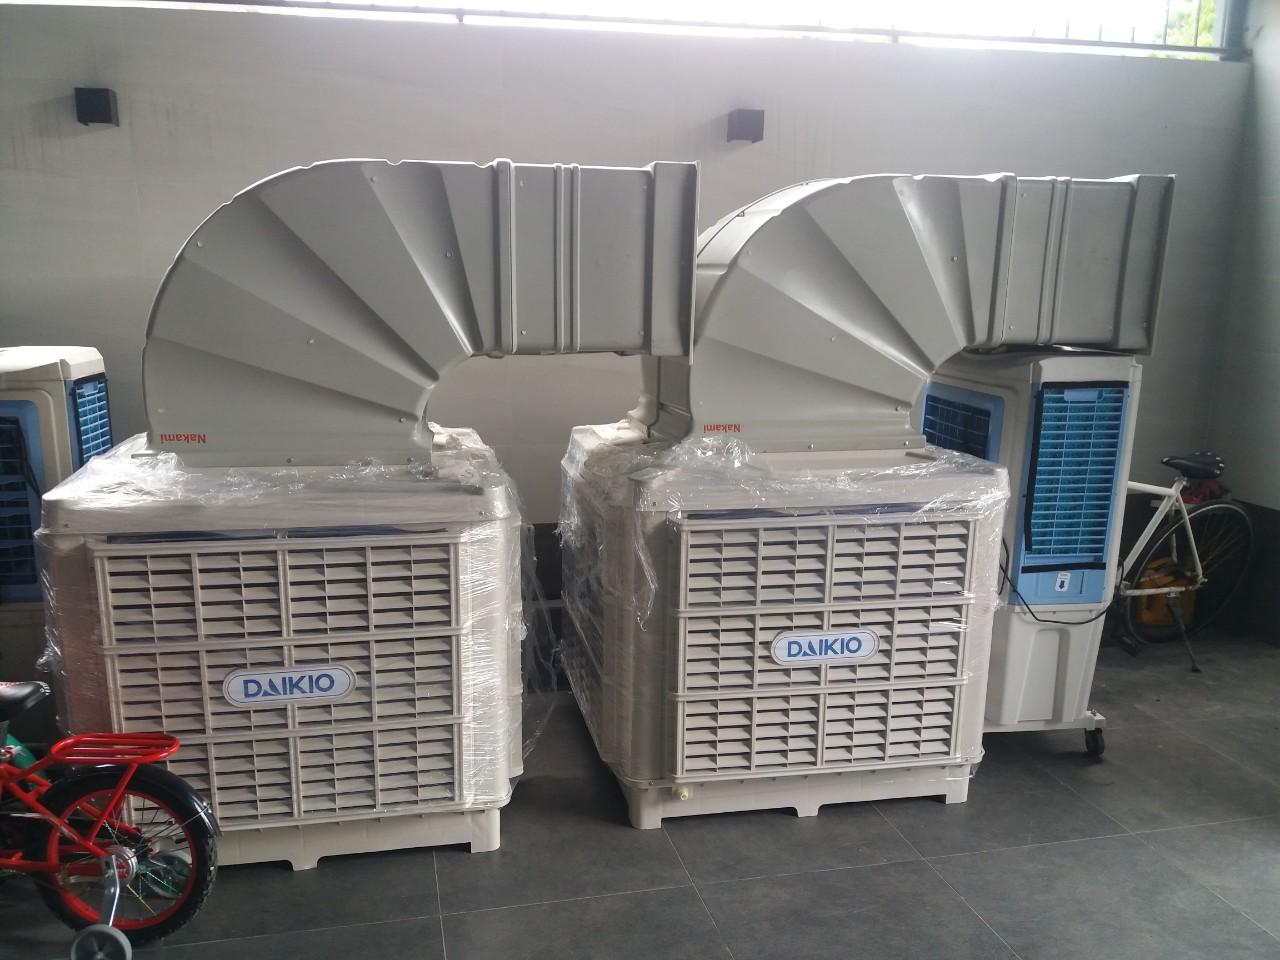 Ảnh minh họa: máy làm mát bằng không khí tại các nhà xưởng